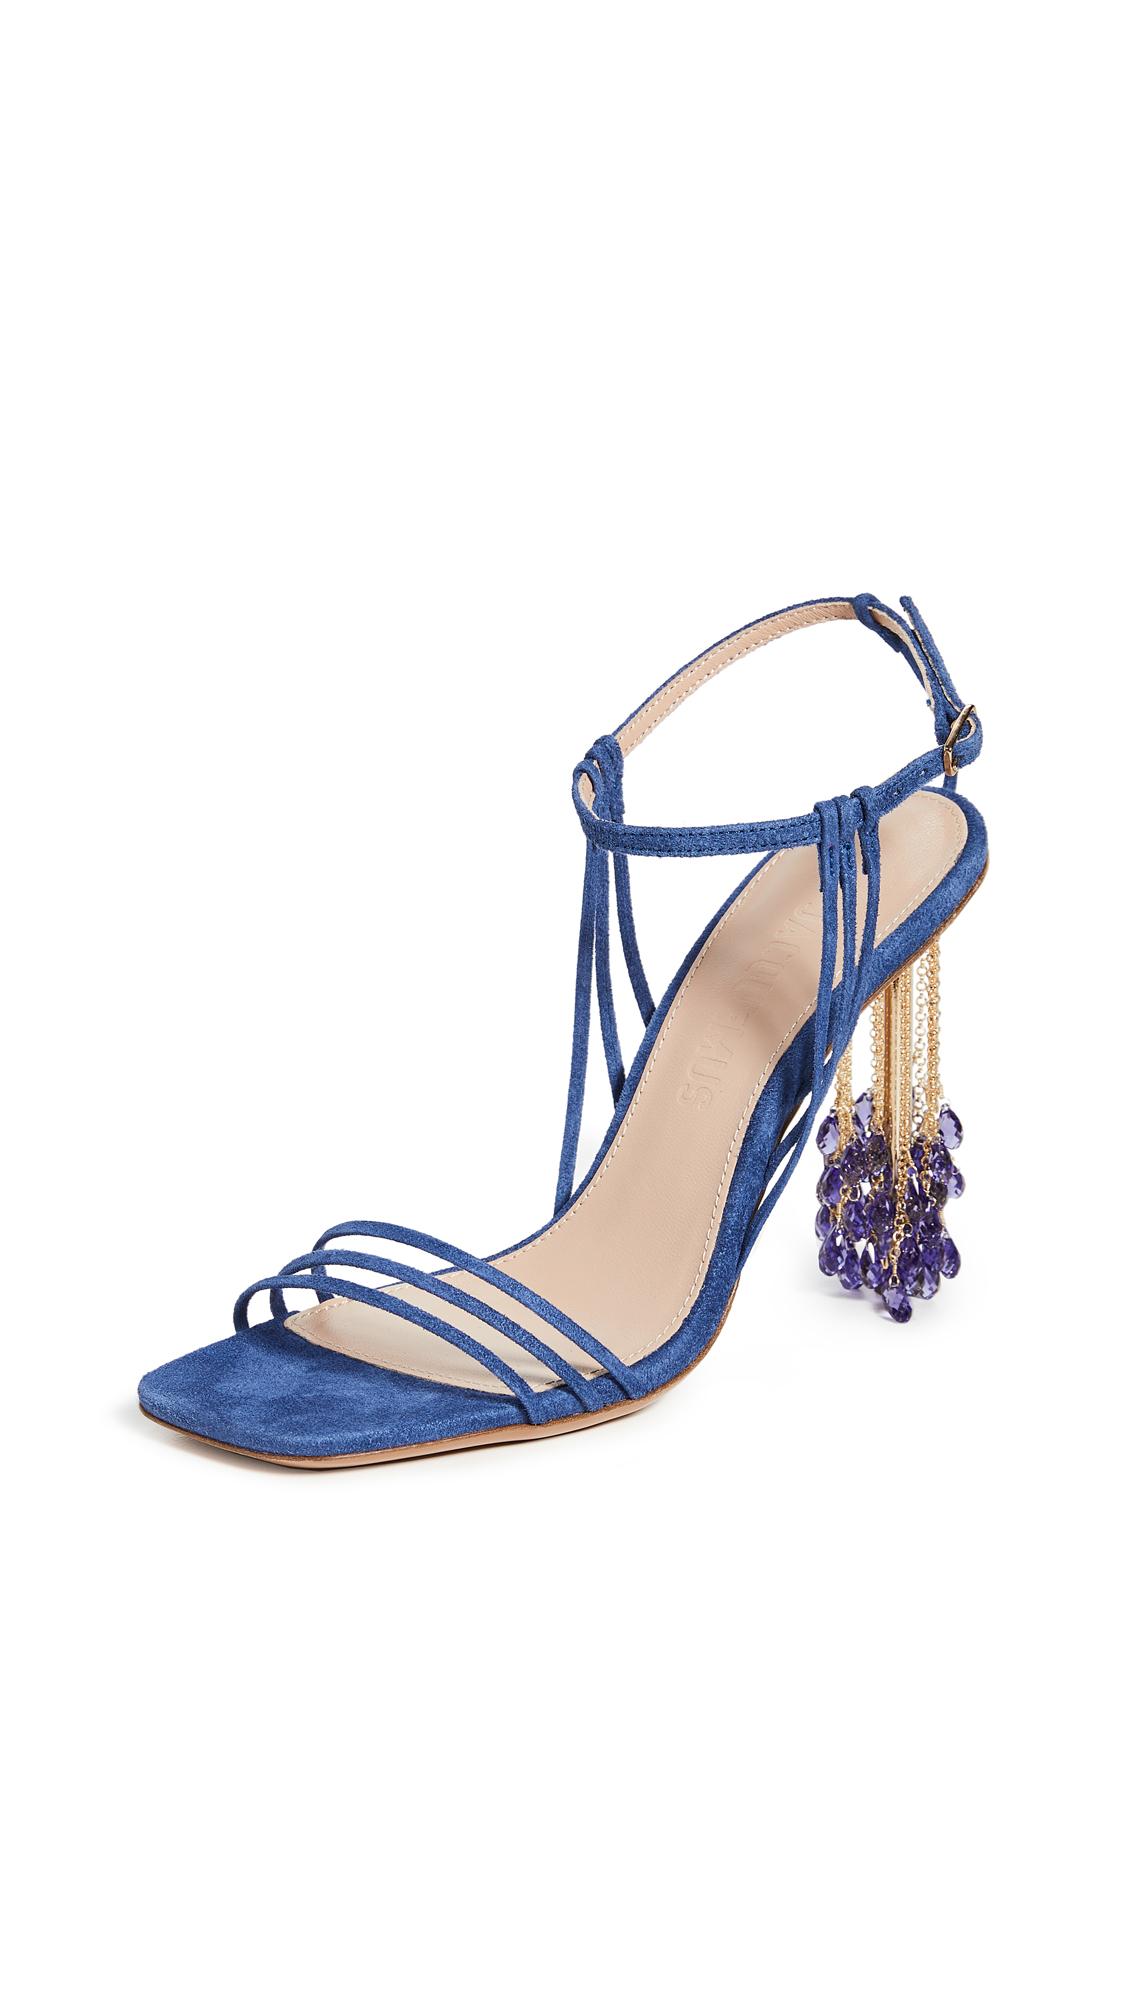 Buy Jacquemus Les Lavandes Sandals online, shop Jacquemus